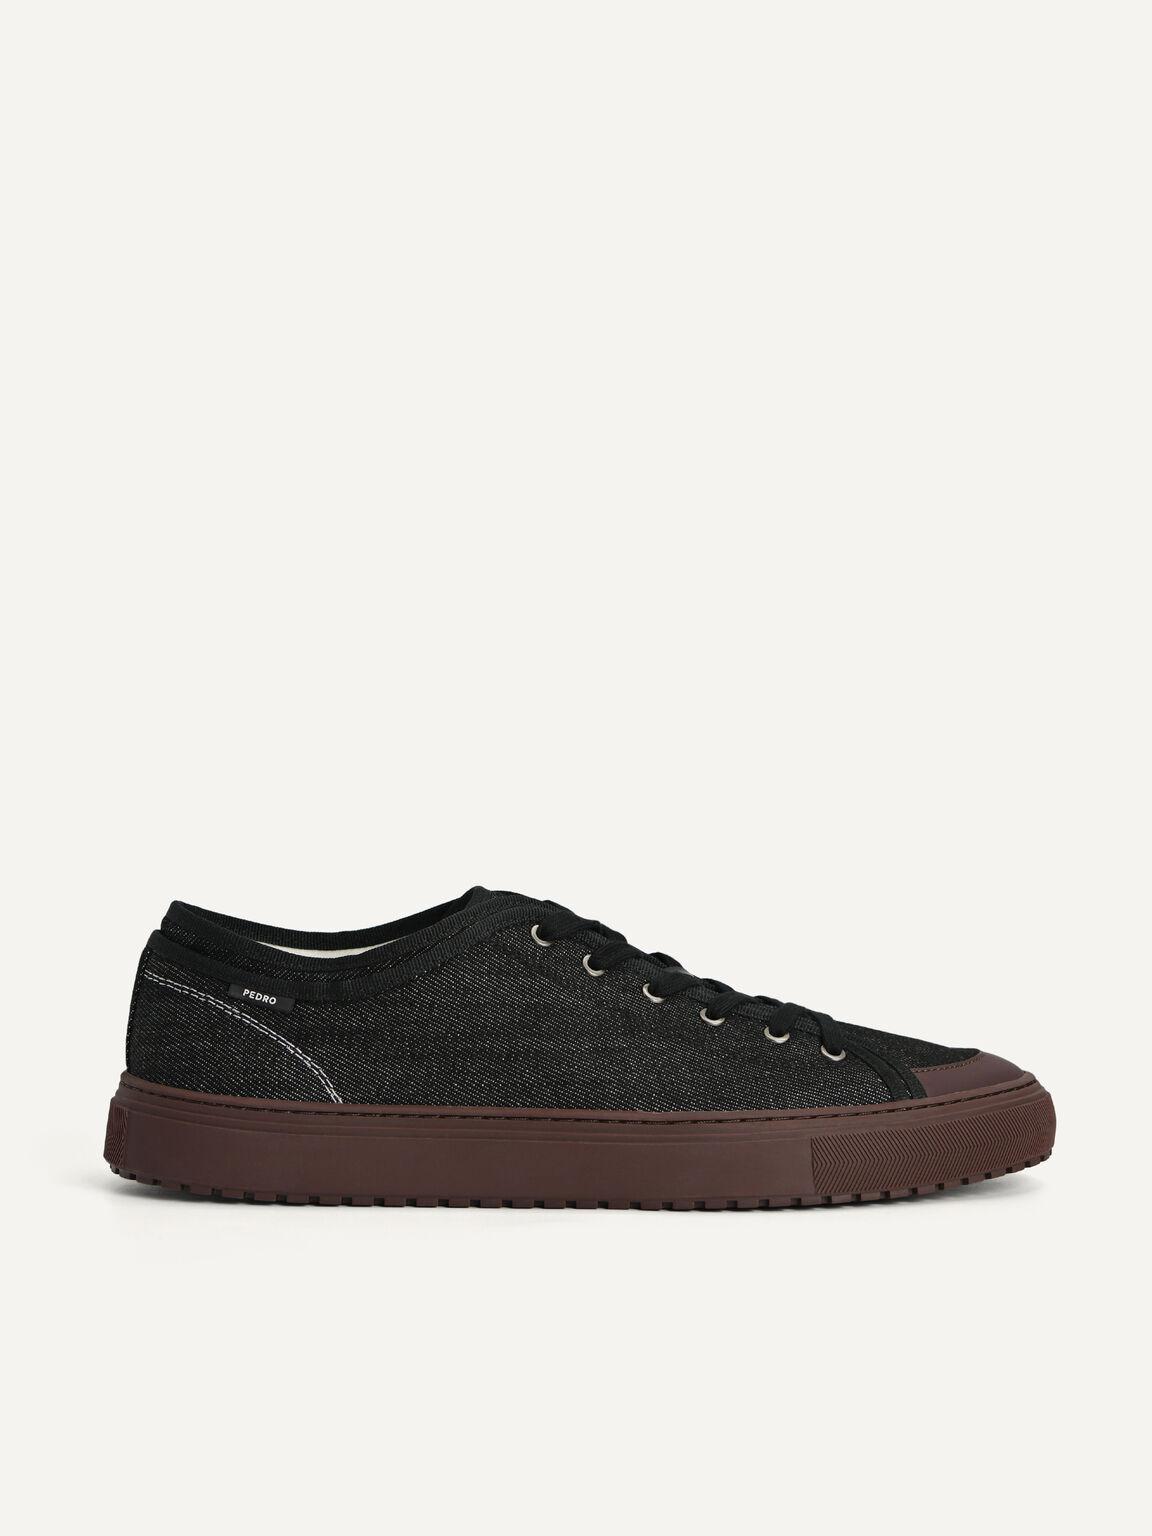 牛仔布Atlas運動鞋, 黑色, hi-res